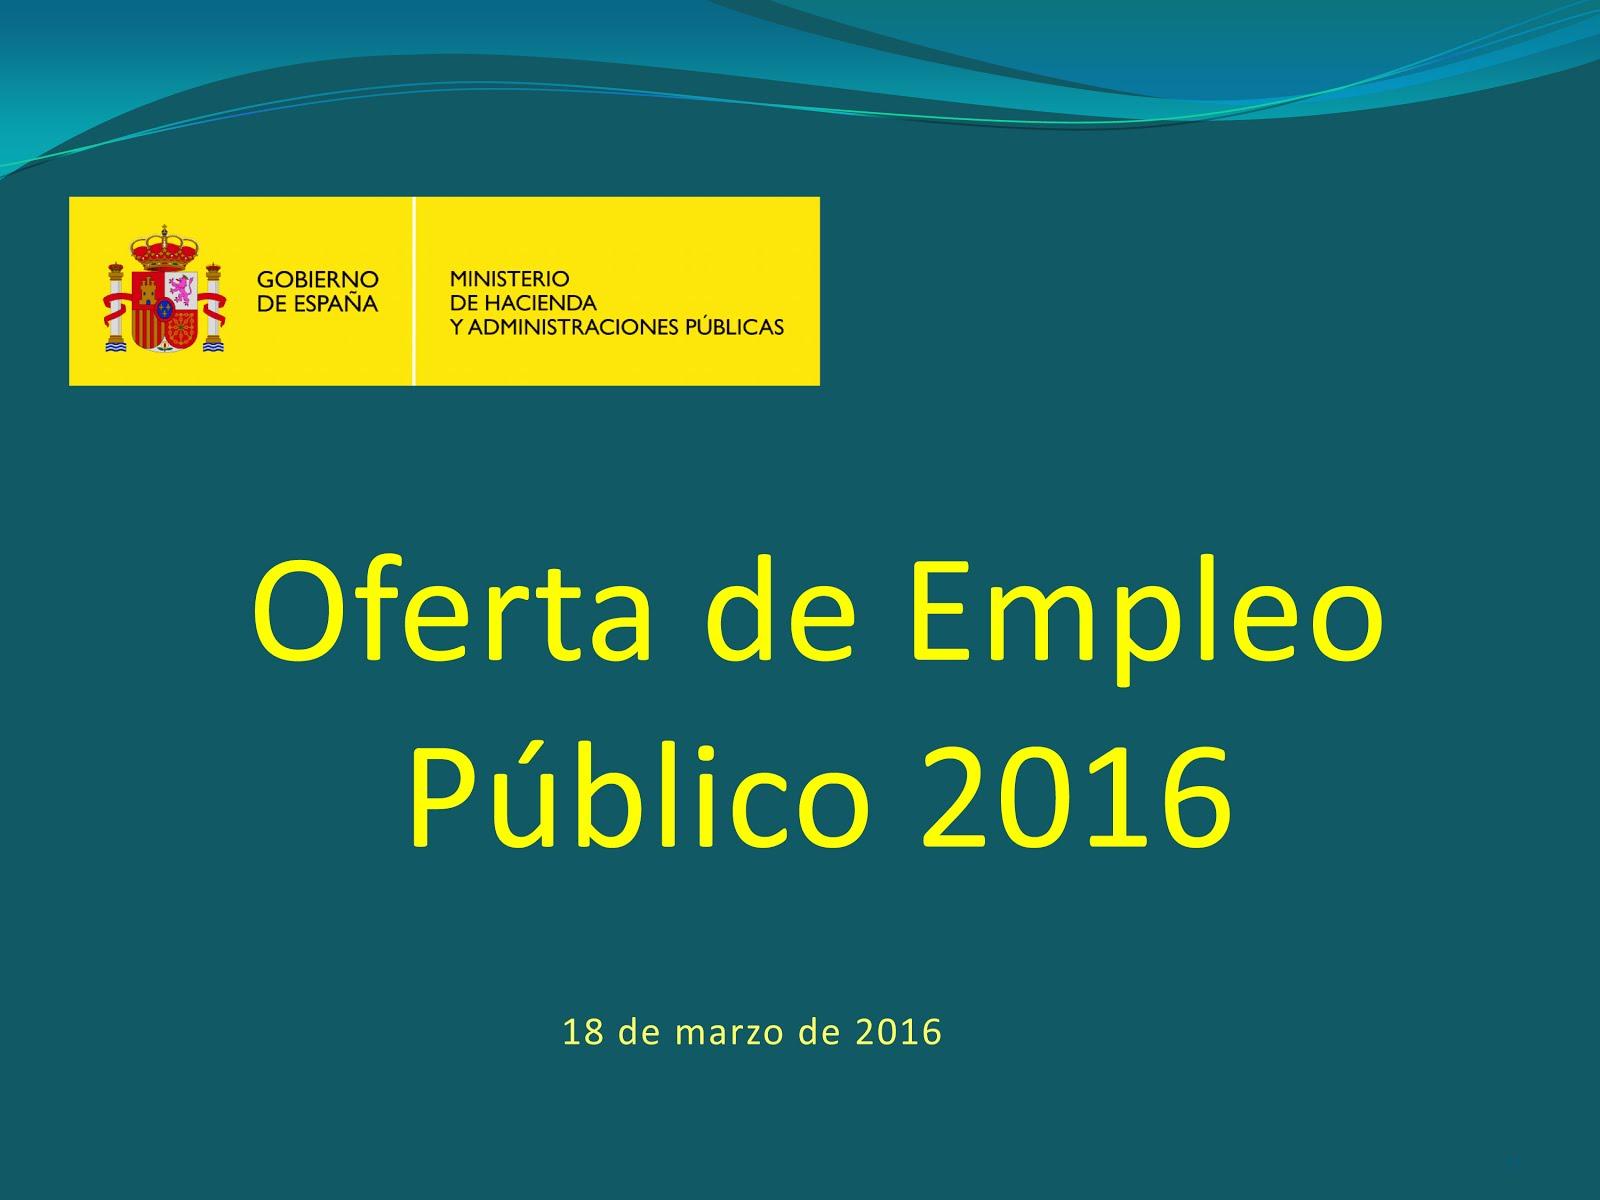 OFERTA DE EMPLEO PÚBLICO 2016